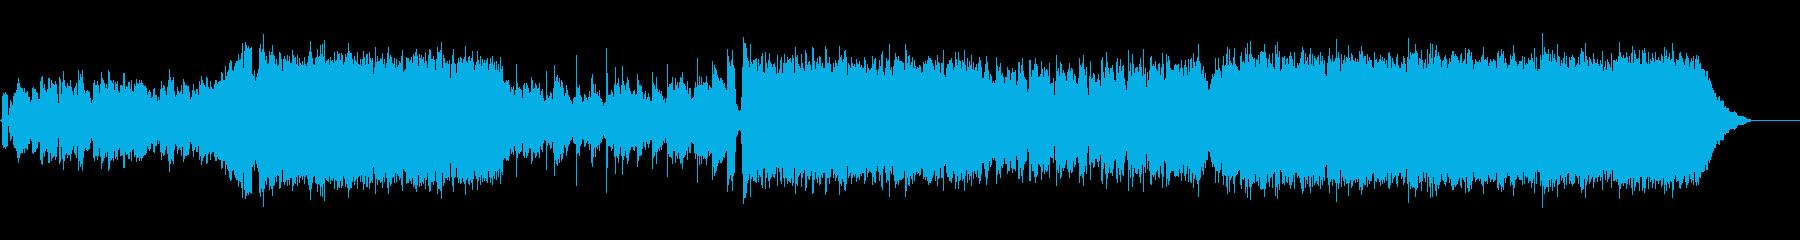 アニソンロックソングの再生済みの波形